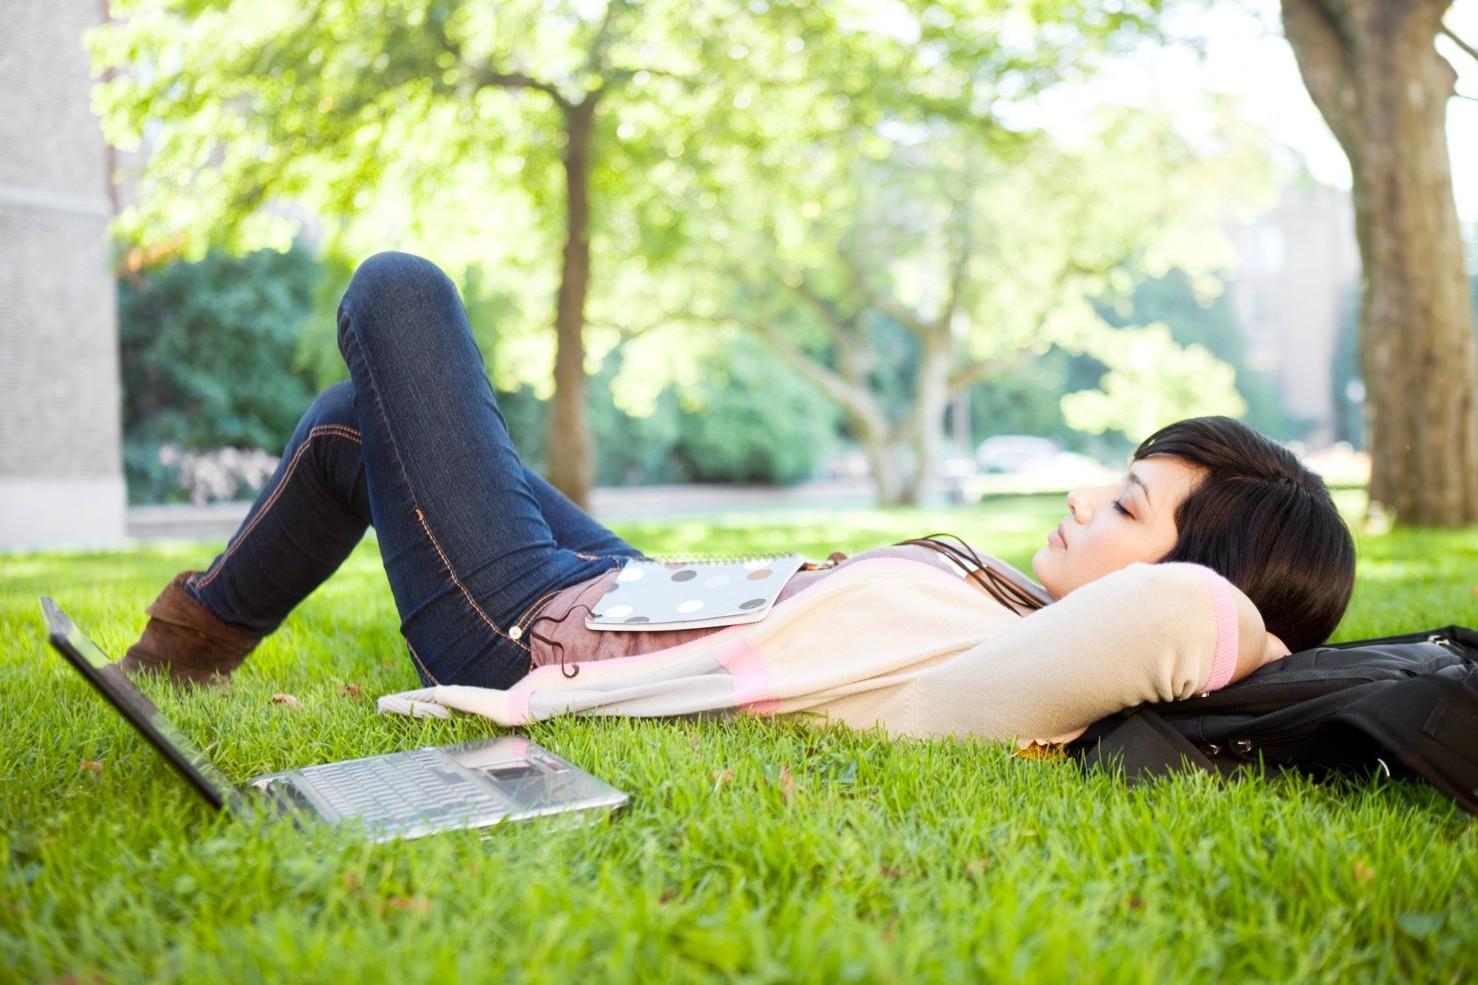 A Importância do Cochilo – Benefícios do Cochilo a tarde, no trabalho e Depois do almoço